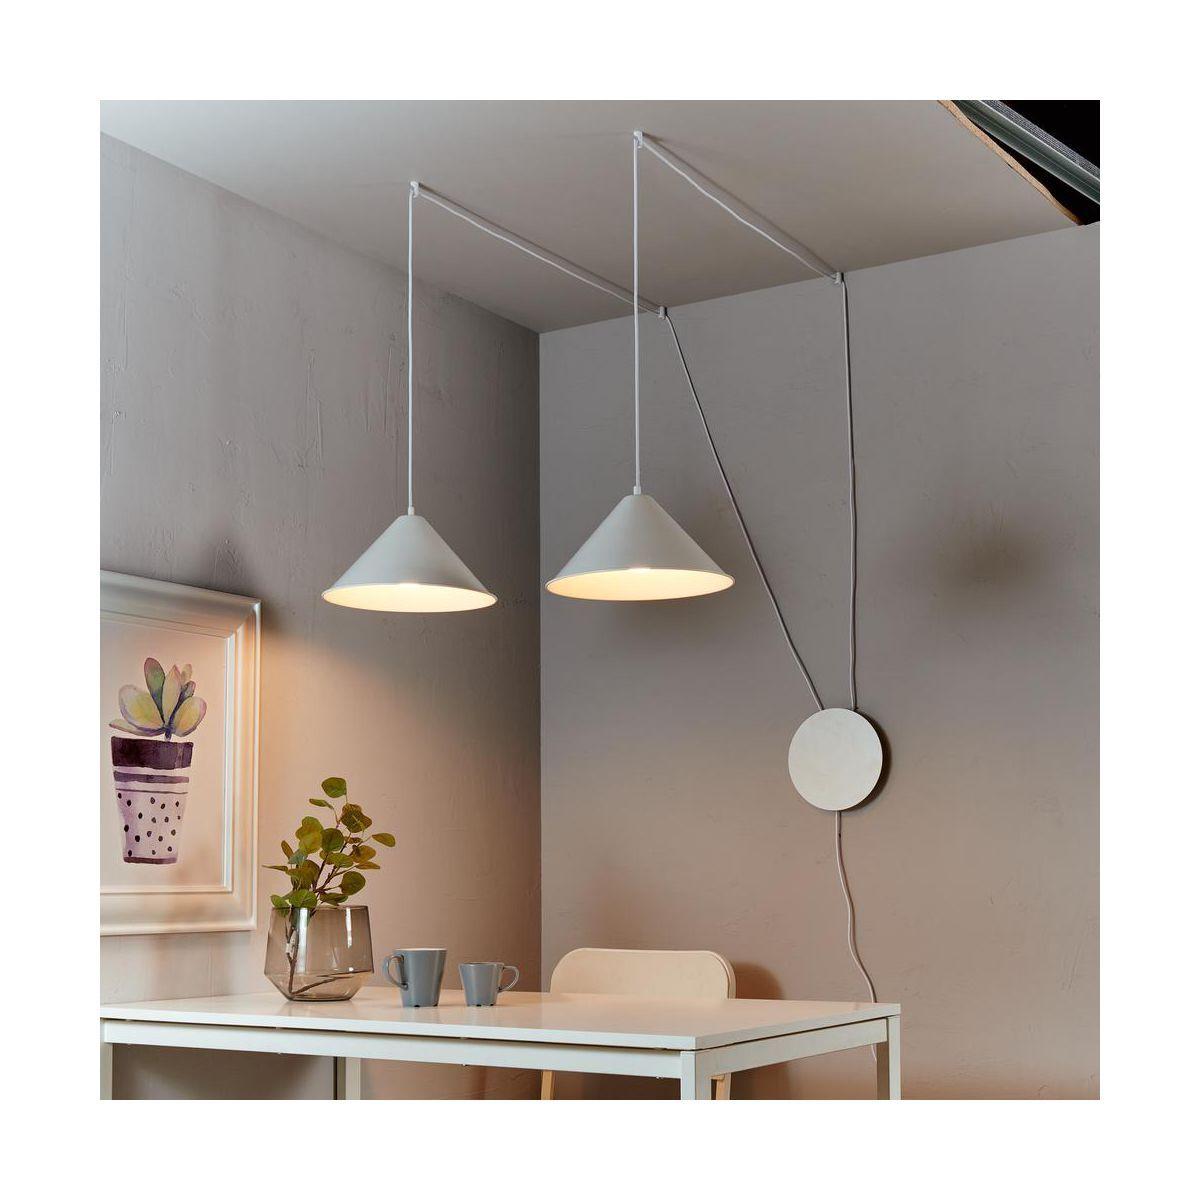 Zyrandol Somerset Inspire Lampy Sufitowe Zyrandole Plafony W Atrakcyjnej Cenie W Sklepach Leroy Merlin Ceiling Lights Lamp Home Decor